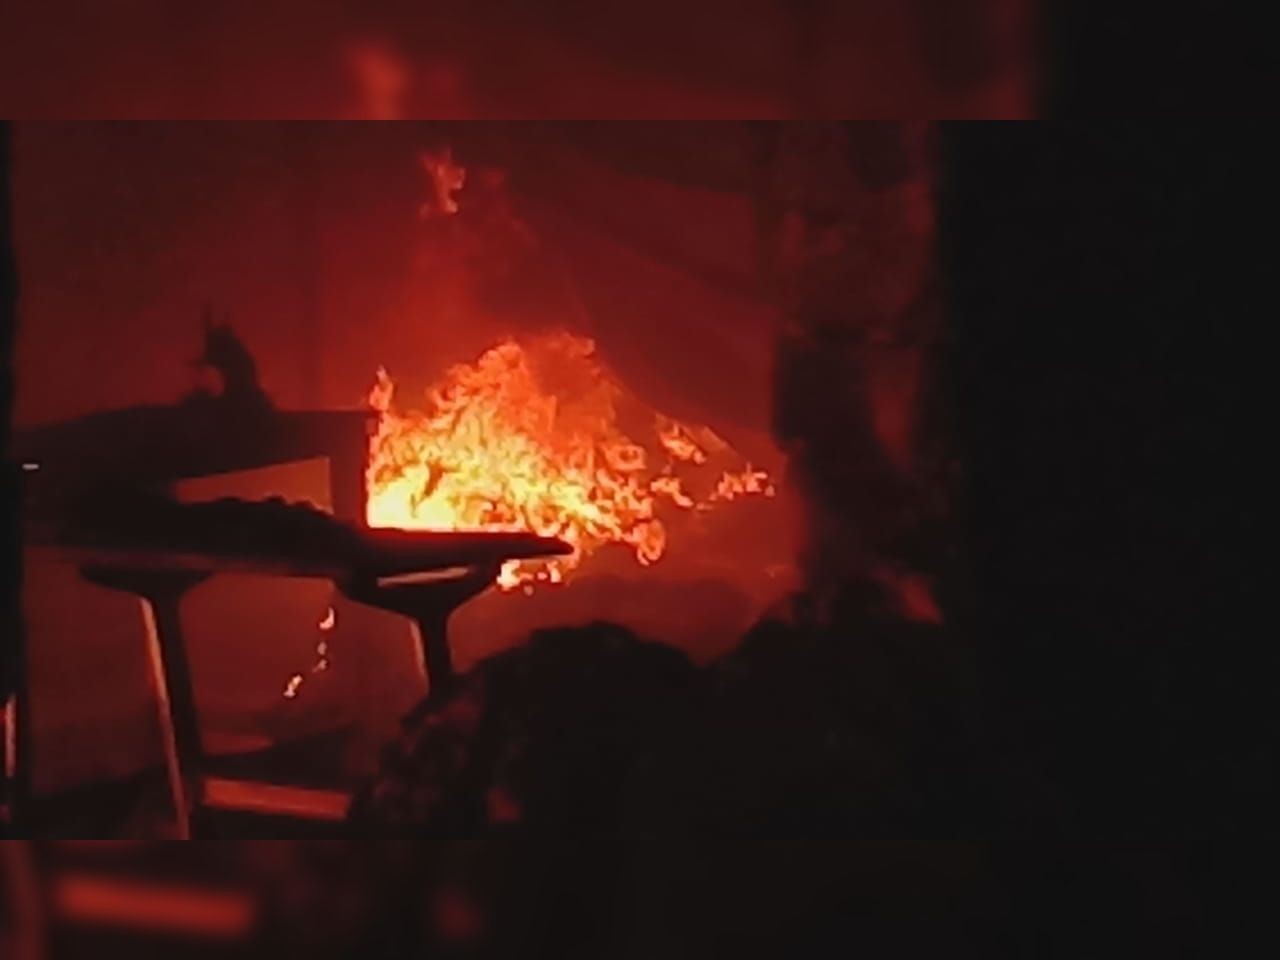 ગોંડલ-જામવાડી જીઆઇડીસીમાં બારદાનના ગોડાઉનમાં આગ લાગી, બે ફાયર ફાઈટરે દોડી જઇ પાણીનો મારો ચલાવ્યો|ગોંડલ,Gondal - Divya Bhaskar